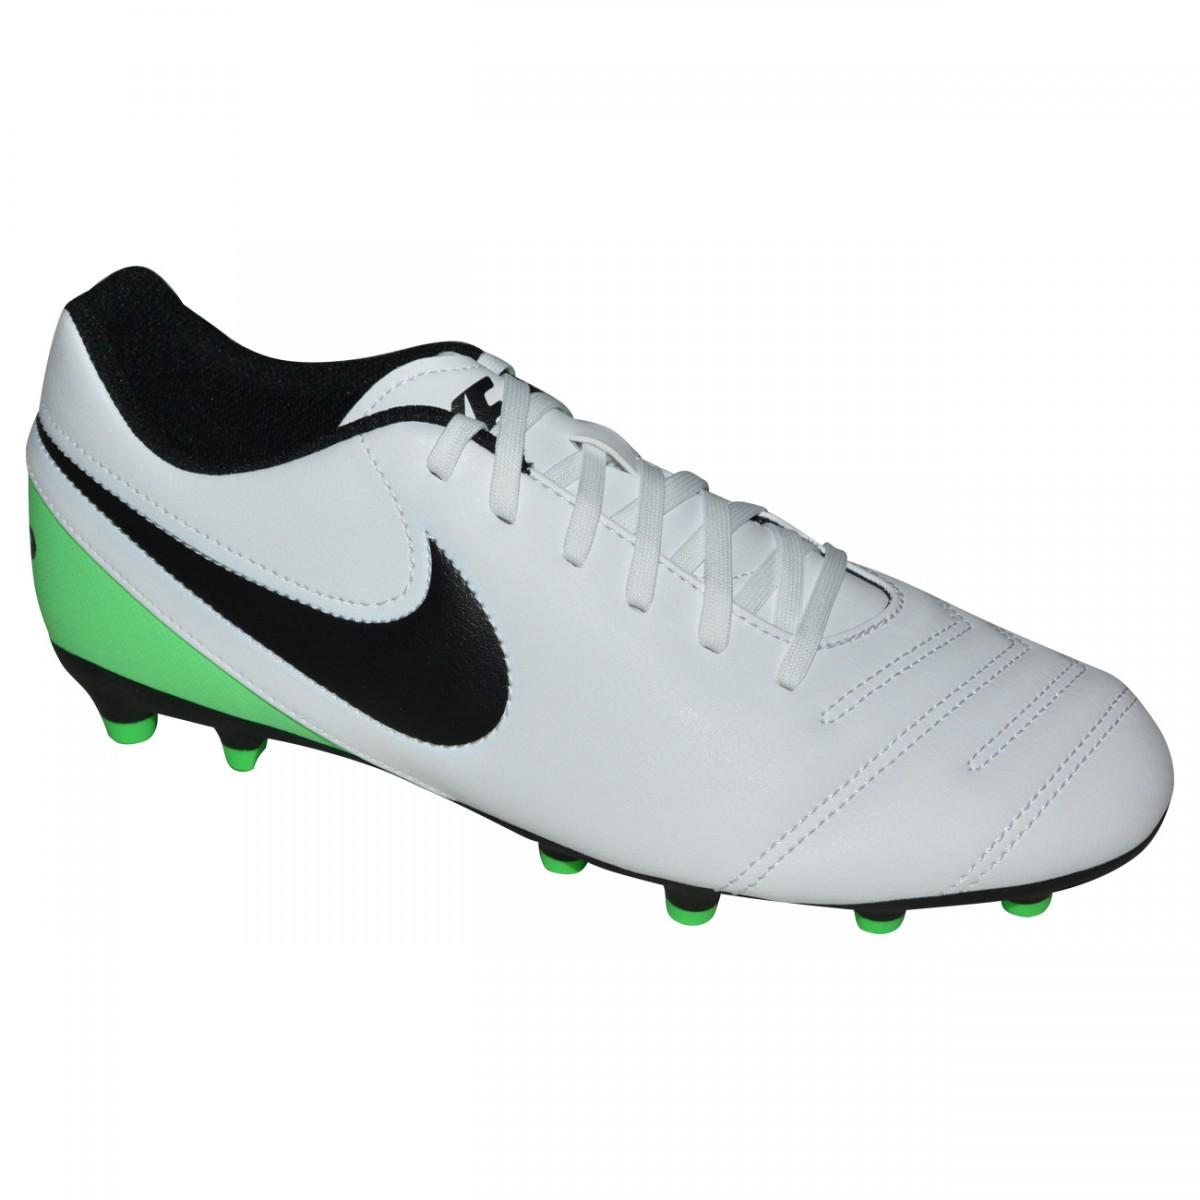 d8526cdd30 Chuteira Nike Tiempo Rio III 819233 103 - Branco Preto Verde - Chuteira Nike